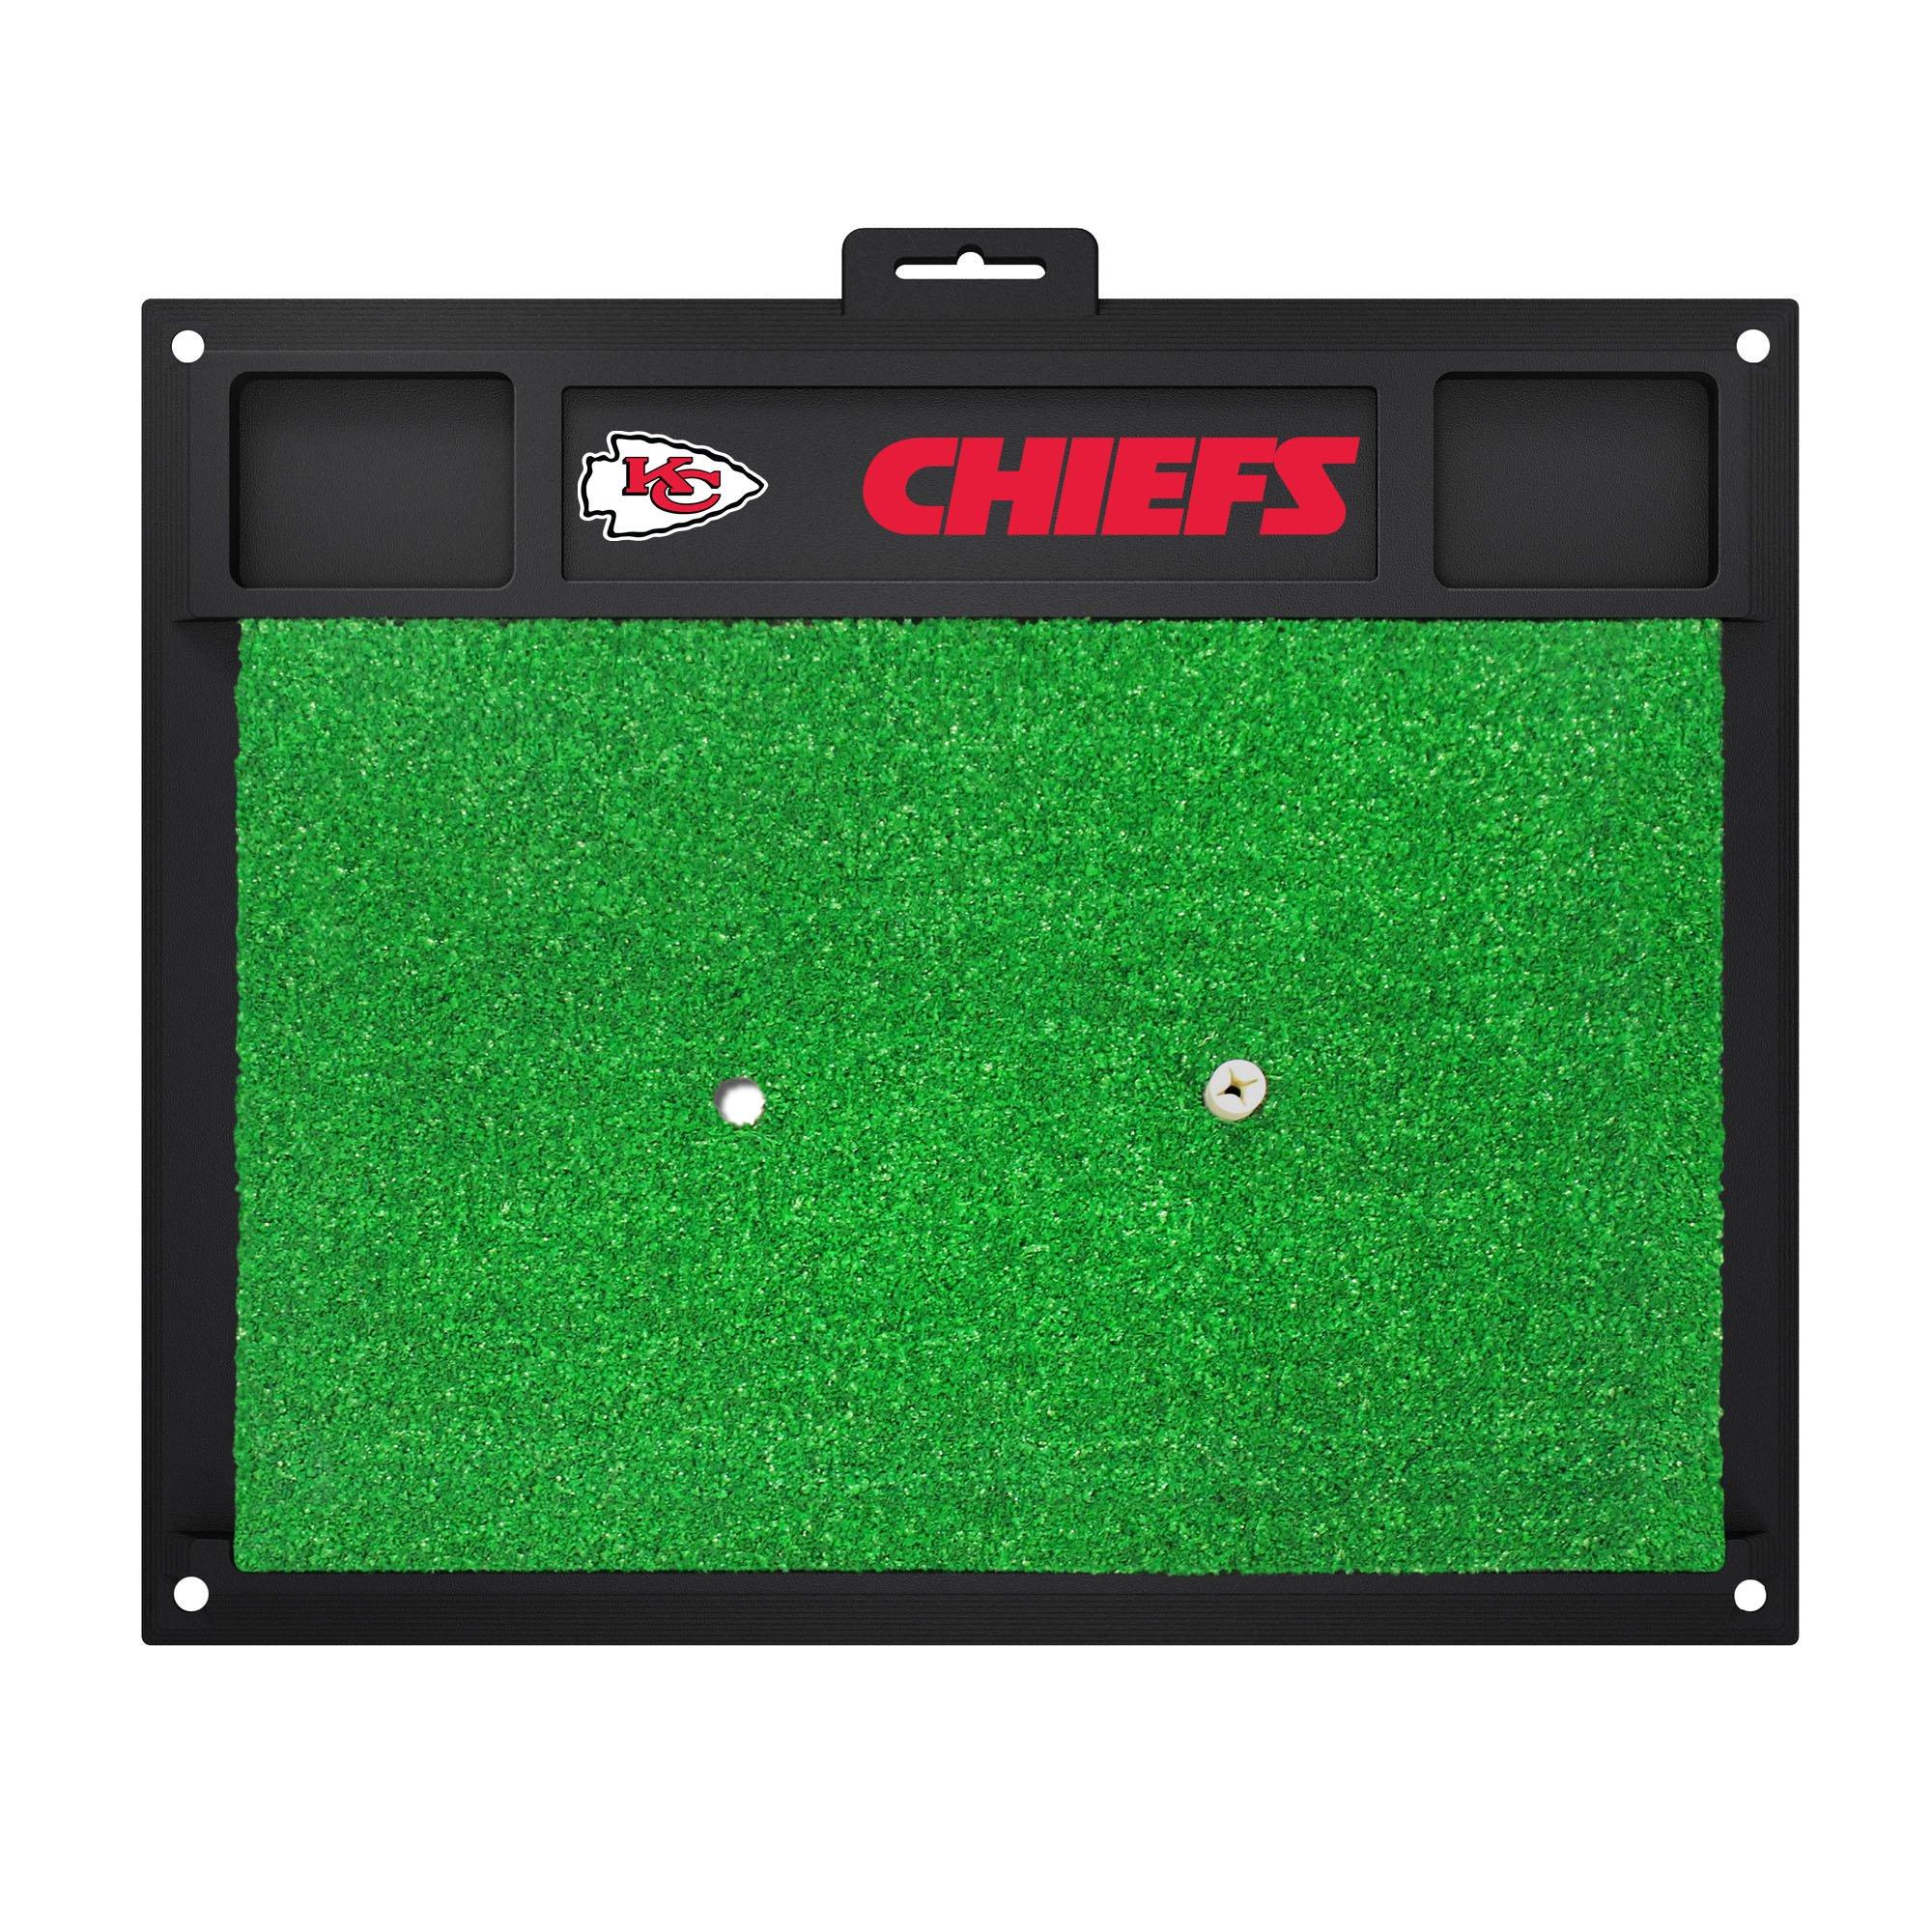 Fanmats 15464 Kansas City Chiefs Golf Hitting Mat